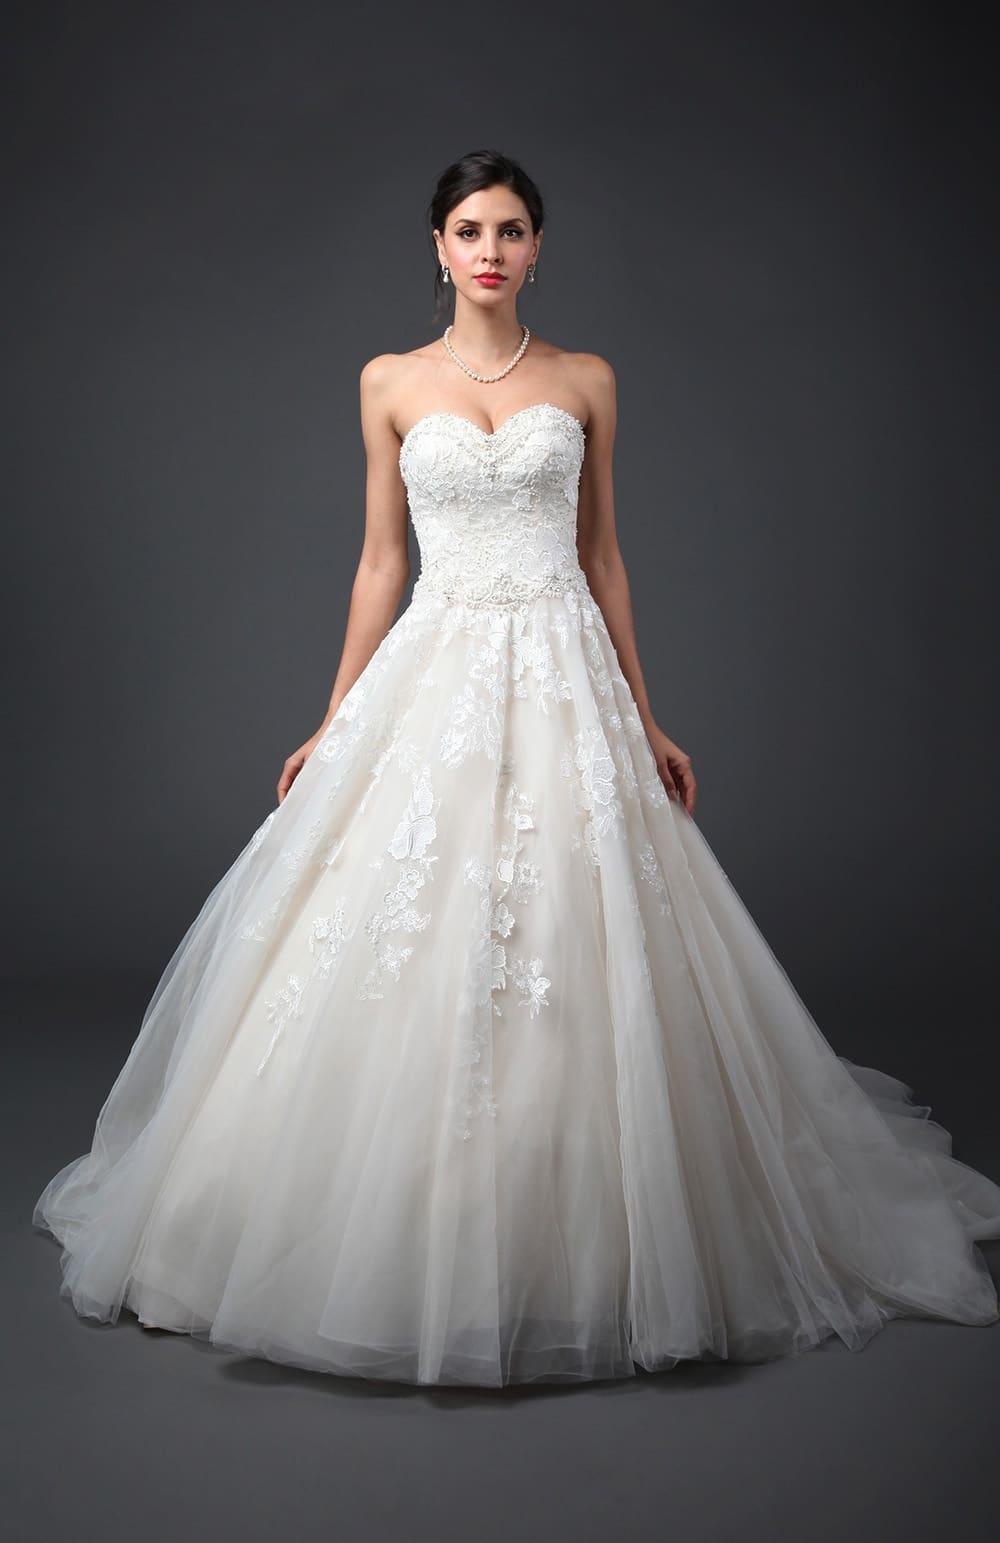 Robe de mariée Modèle Colombe